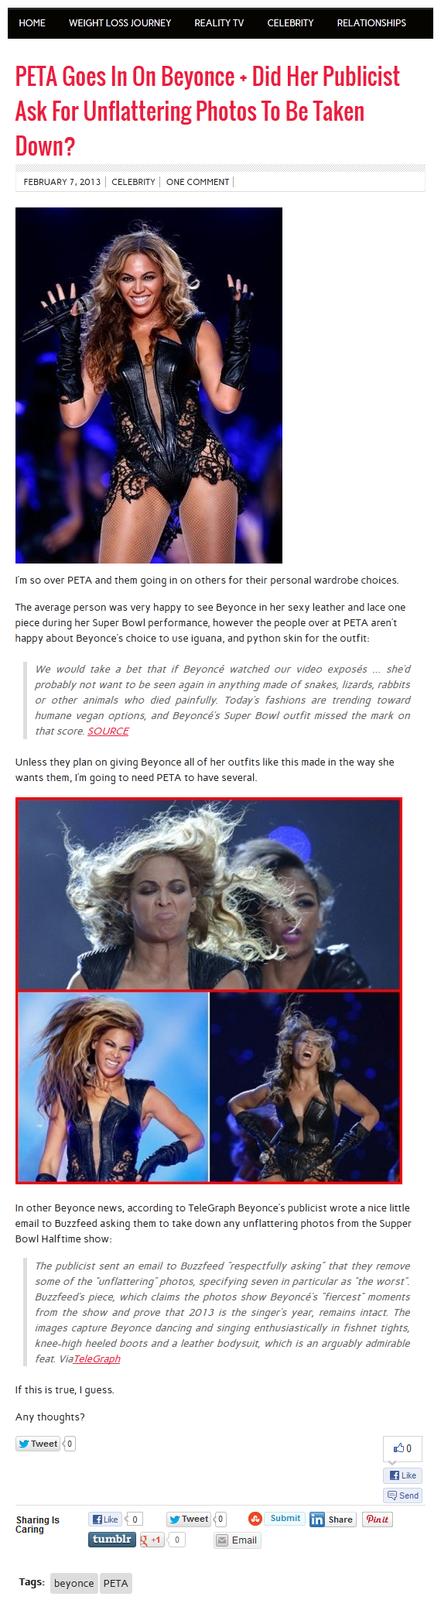 PETA Goes In On Beyonce